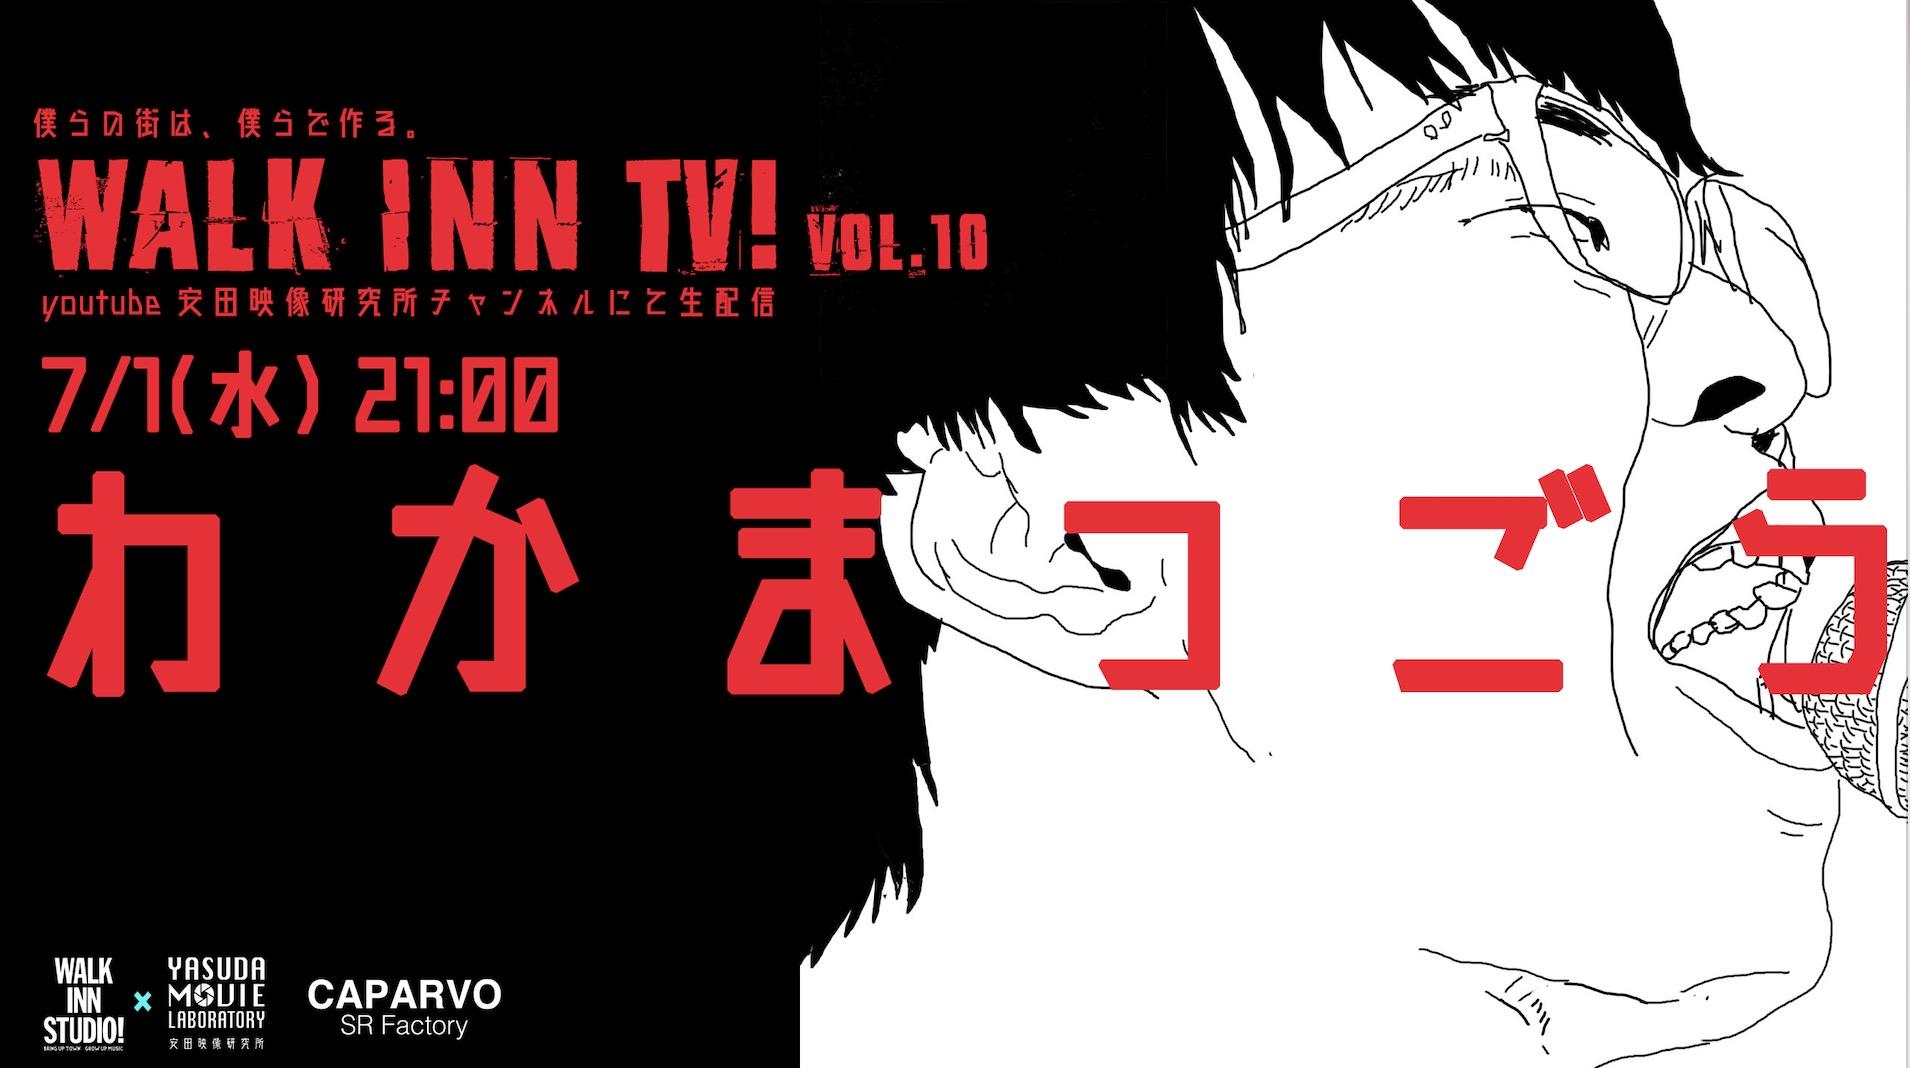 vol.10【わかまつごう】